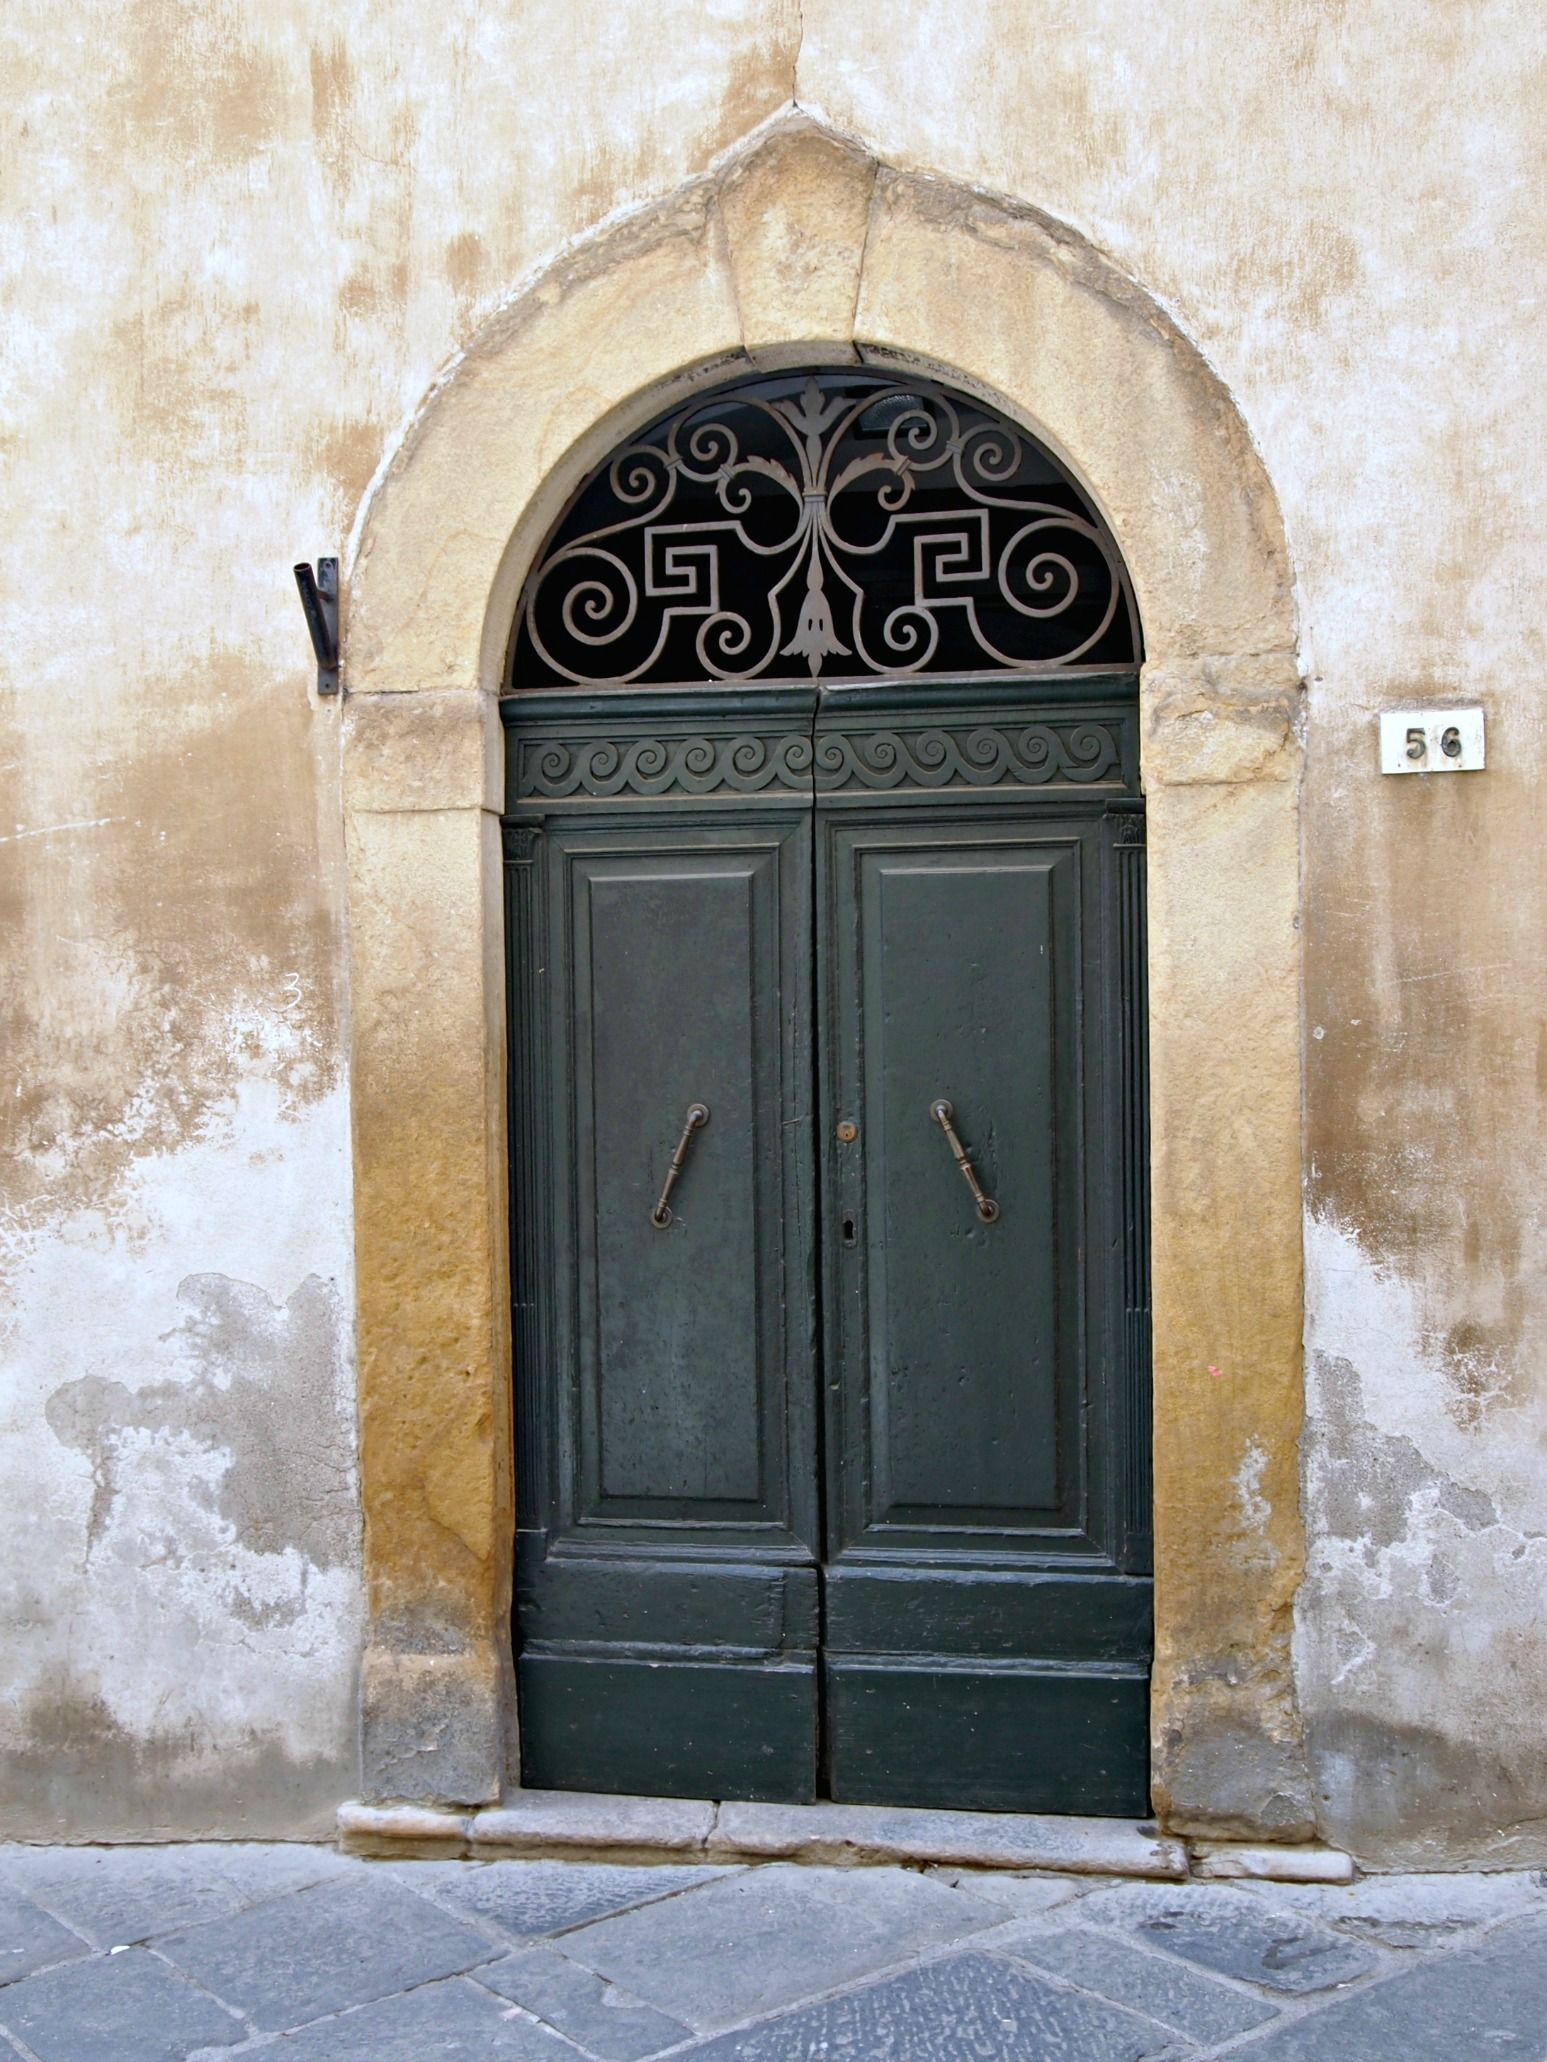 Statige groene deuren met prachtig smeedwerk, Volterra mei 2013